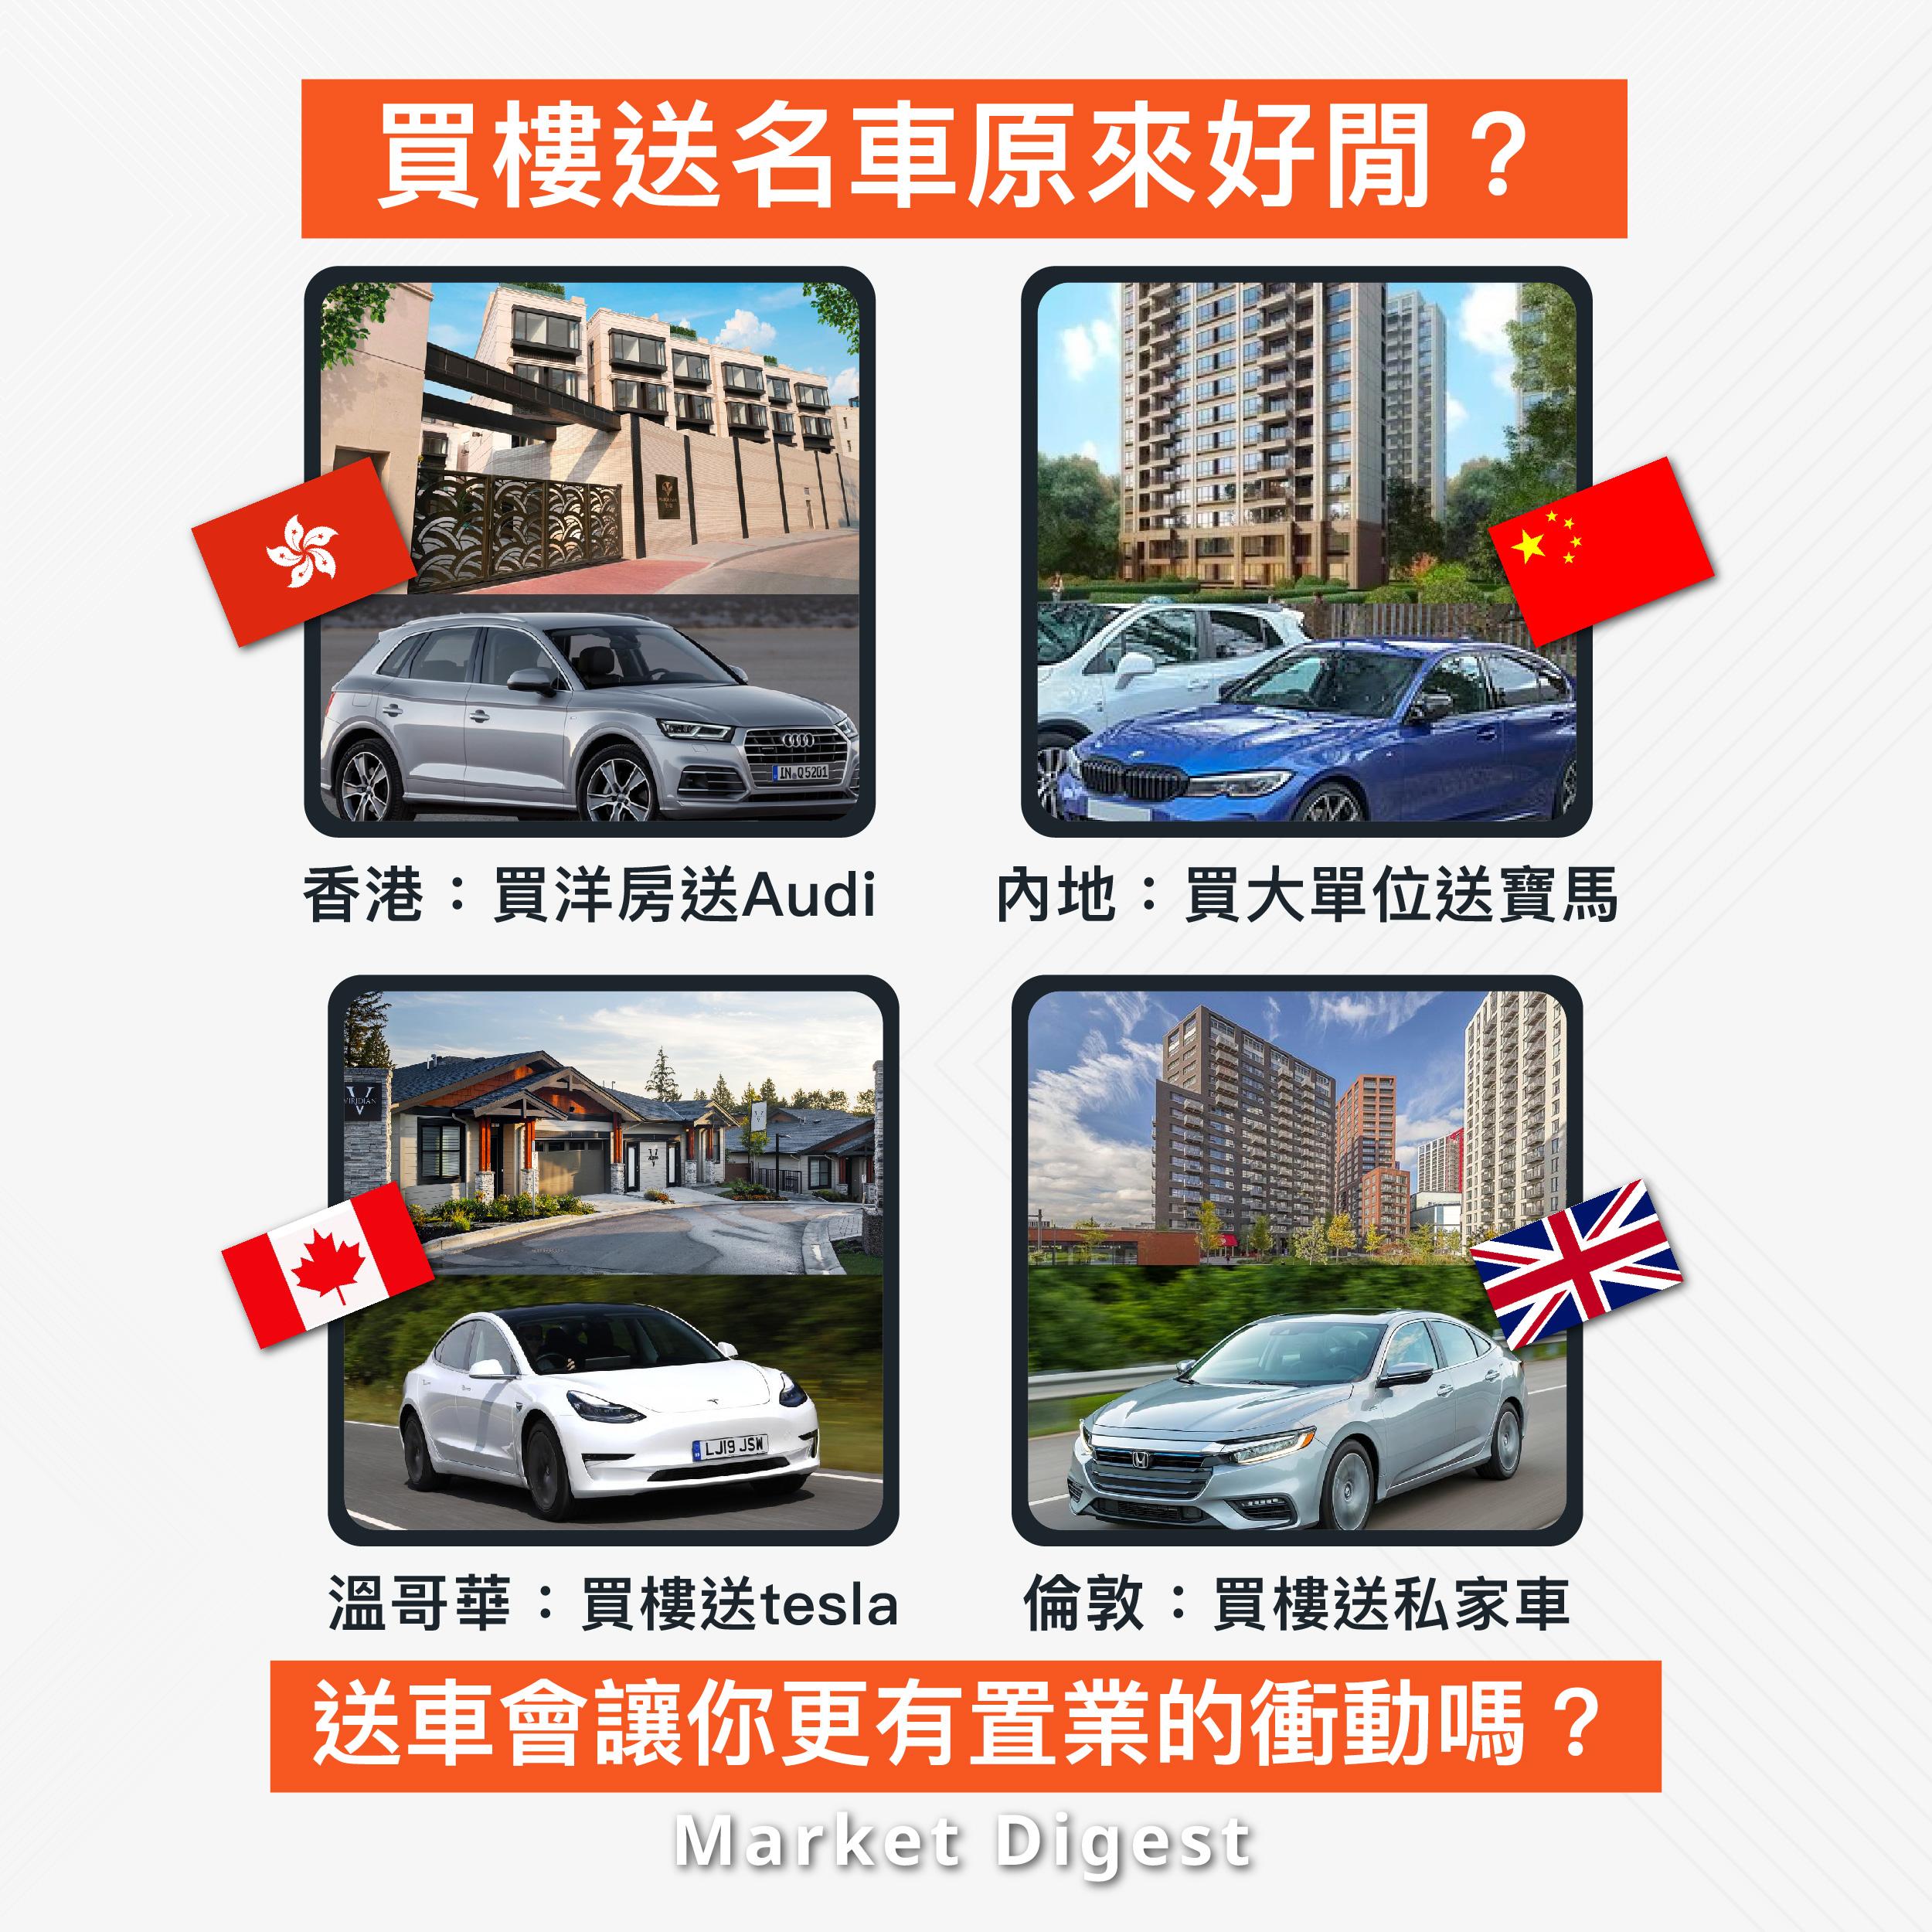 【海外樓市探索】買樓送名車原來好閒?